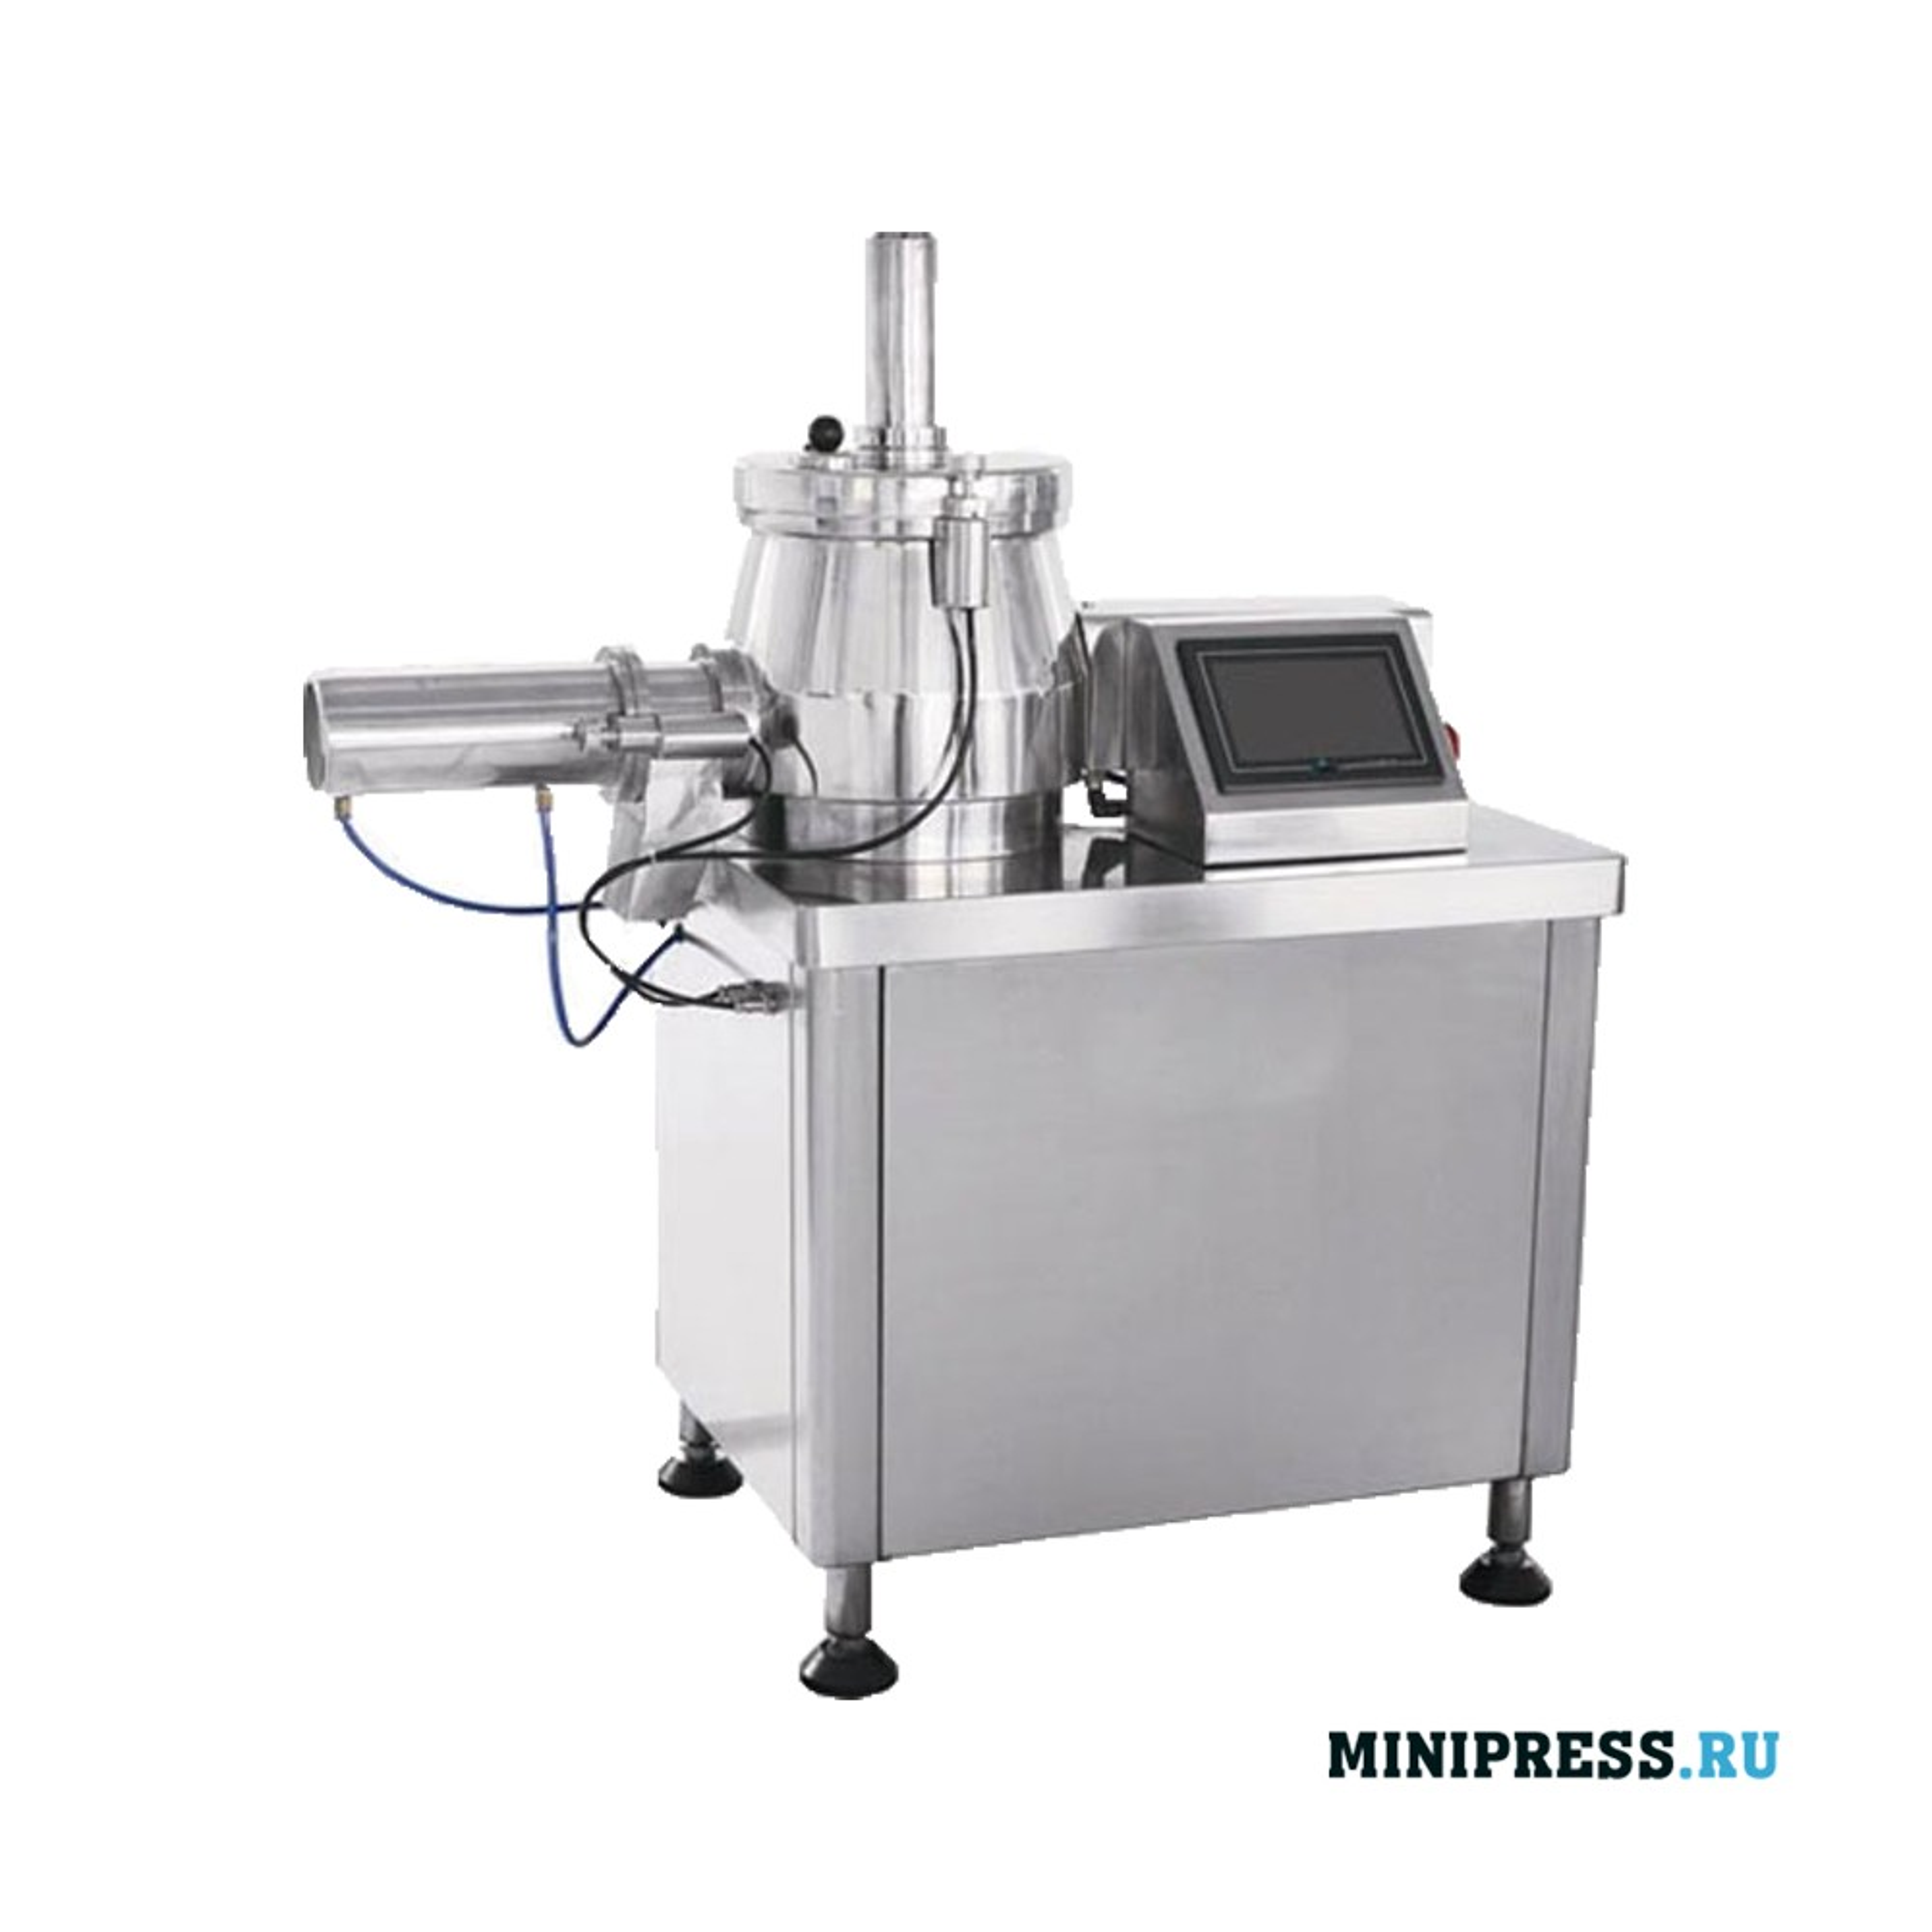 Высокоэффективный смеситель гранулятор для влажного гранулирования